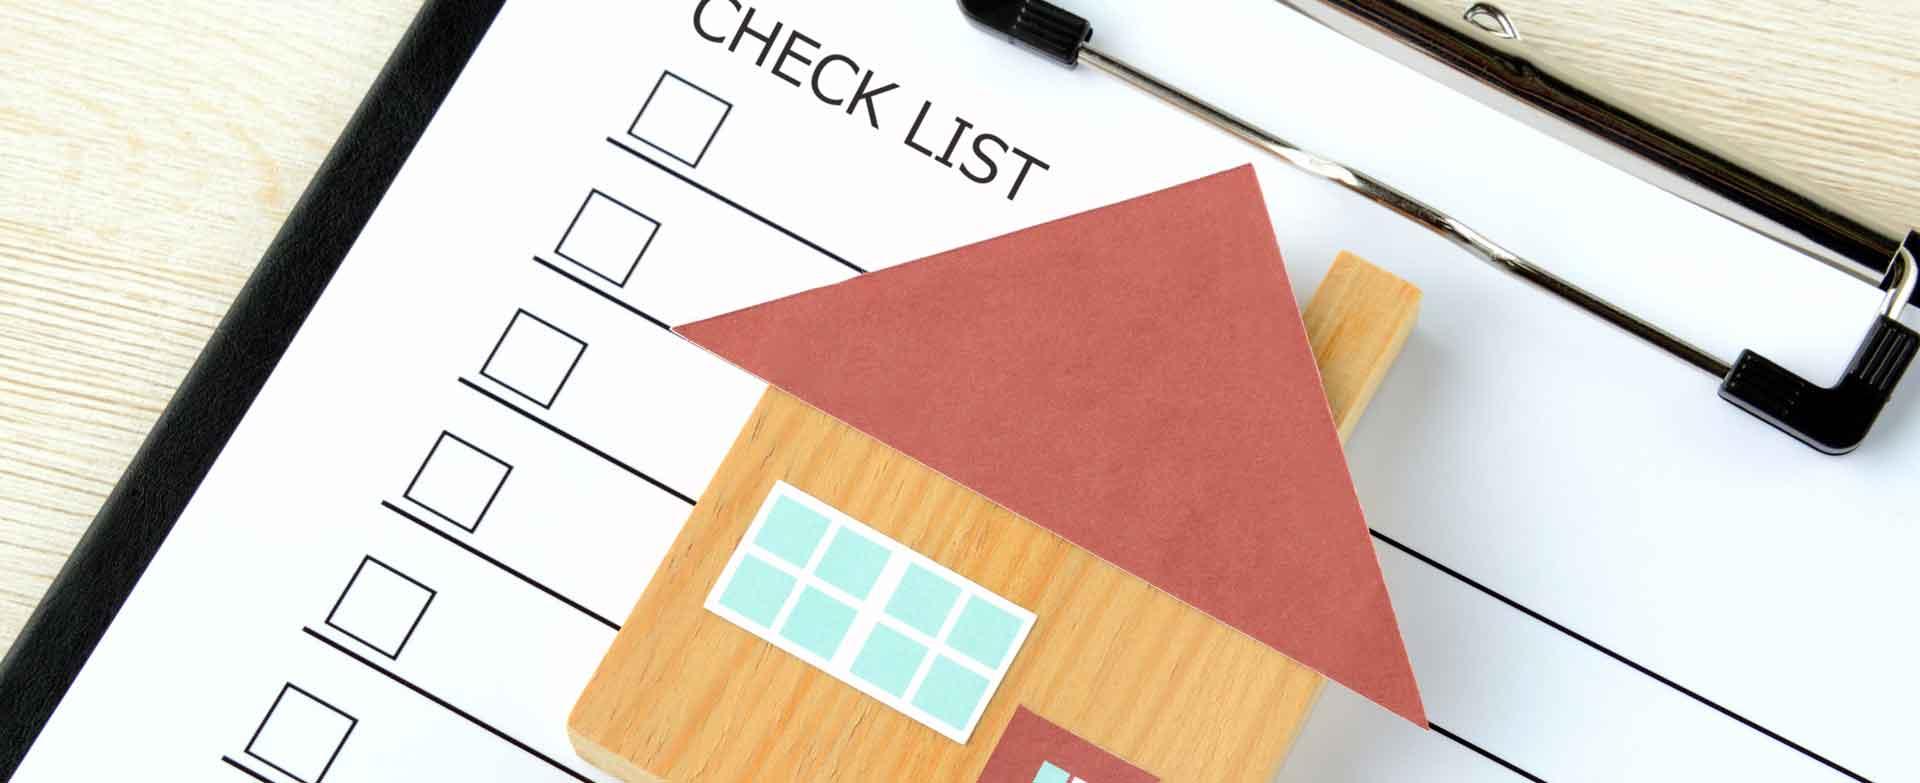 Checkliste rund um den Hausbau